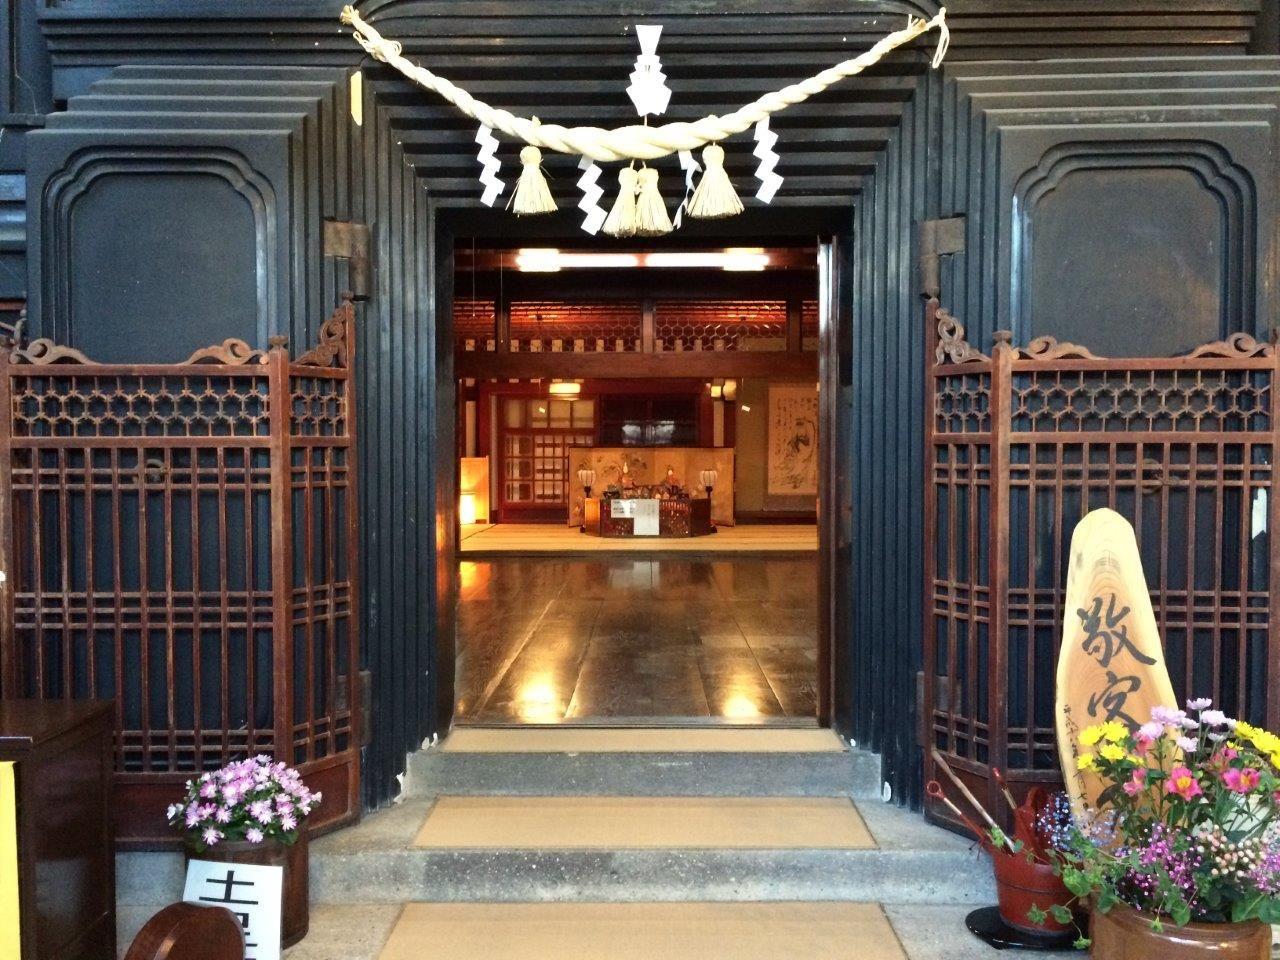 増田町唯一の造り酒屋『日の丸醸造』の内蔵が凄い!